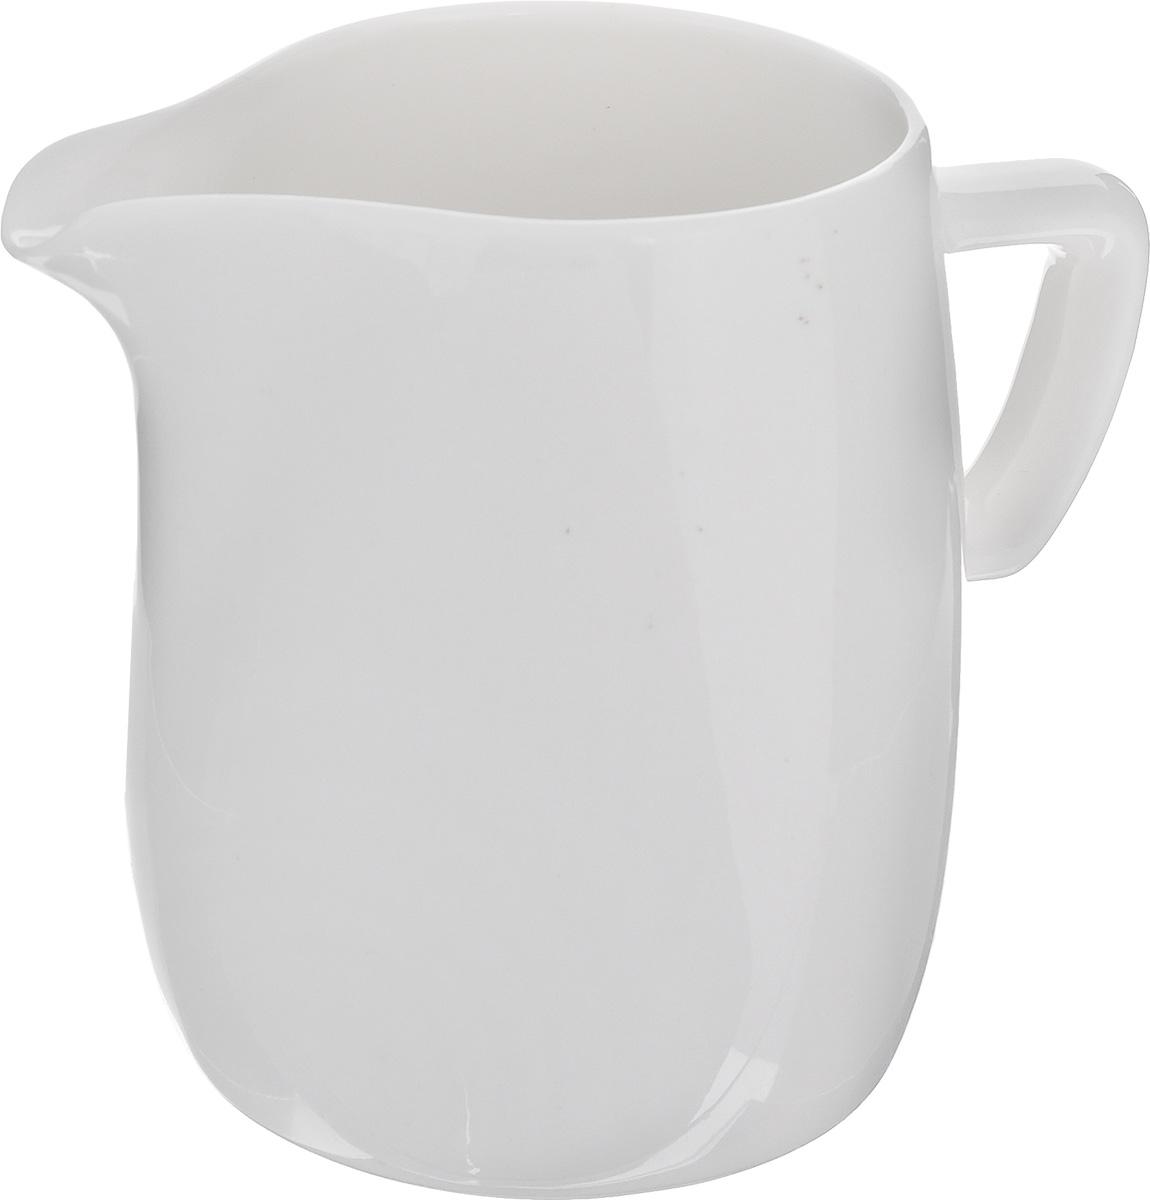 Сливочник Tescoma Crema, 250 мл387150Сливочник Tescoma Crema выполнен из высококачественного фарфора.Эксклюзивный дизайн, эстетичность и функциональность сливочника сделает его незаменимым на любой кухне.Можно мыть в посудомоечной машине, использовать в микроволновой печи и морозильнике. Диаметр по верхнему краю (без учета носика): 6 см.